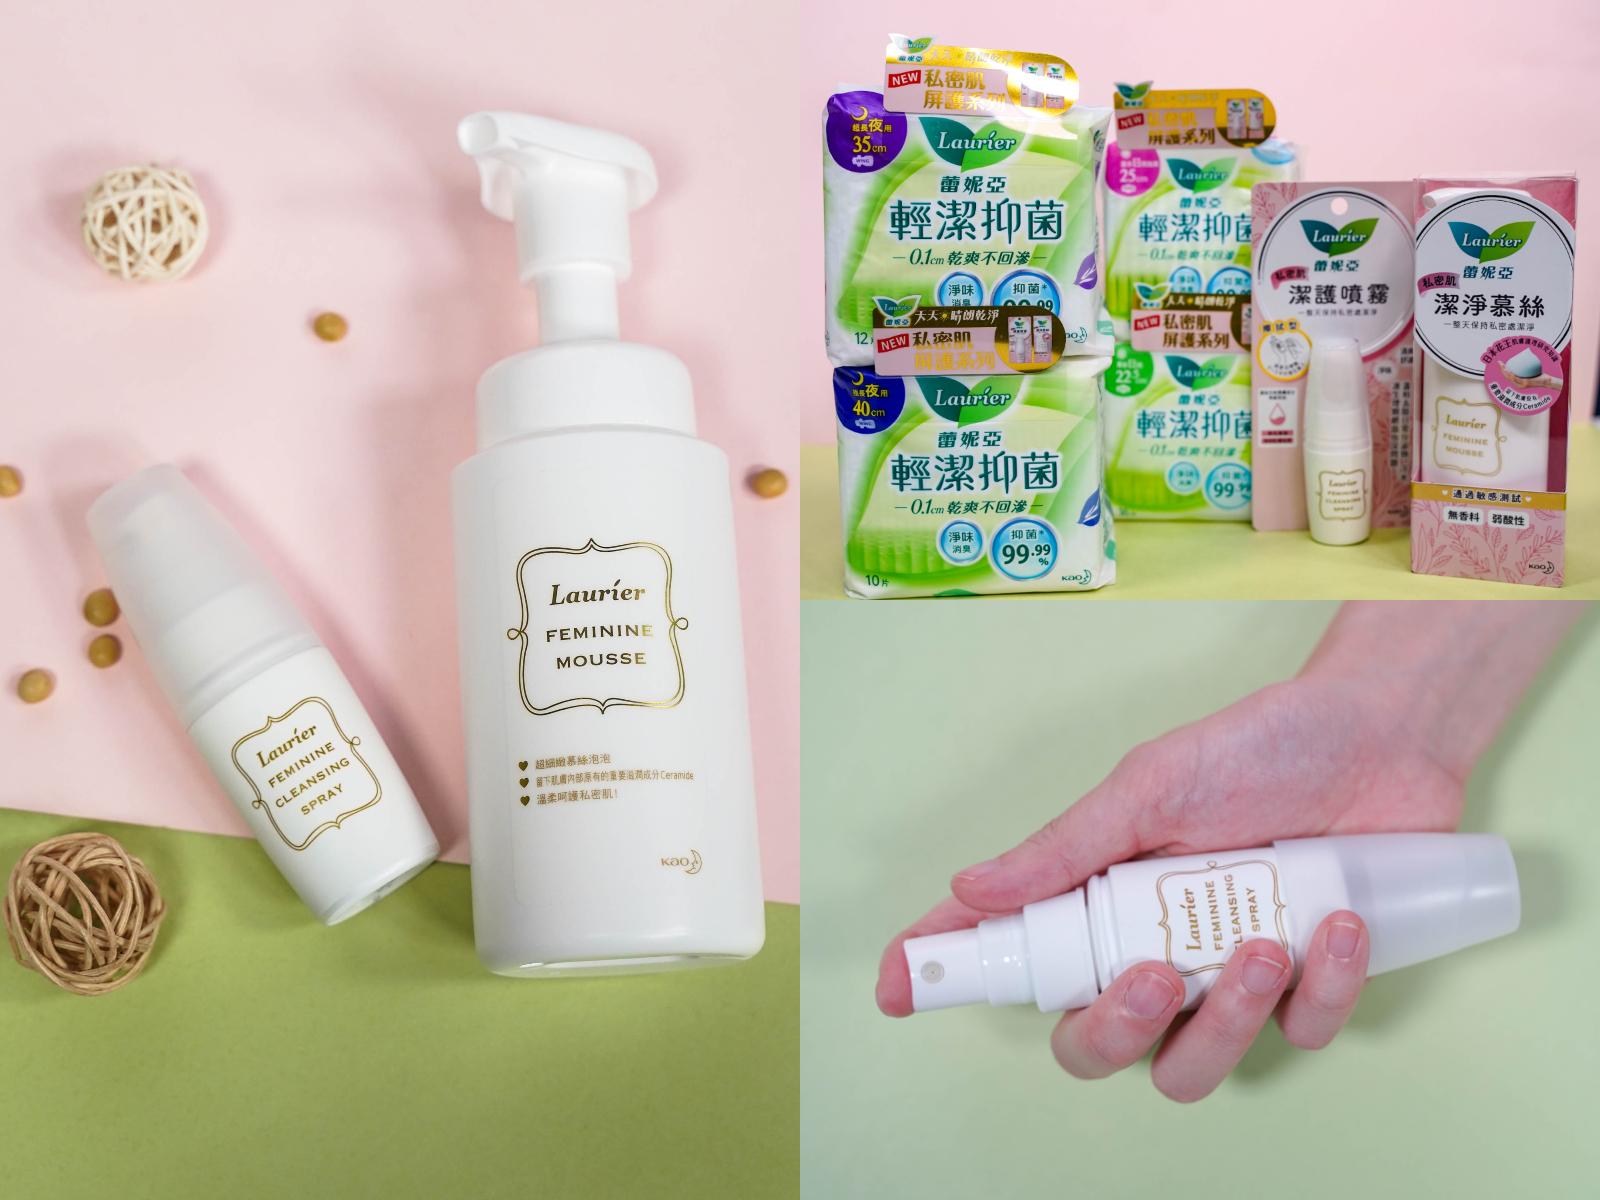 【天天都要私密保養】蕾妮亞衛生棉開箱評測,日本獨家抑菌配方,遠離異味困擾